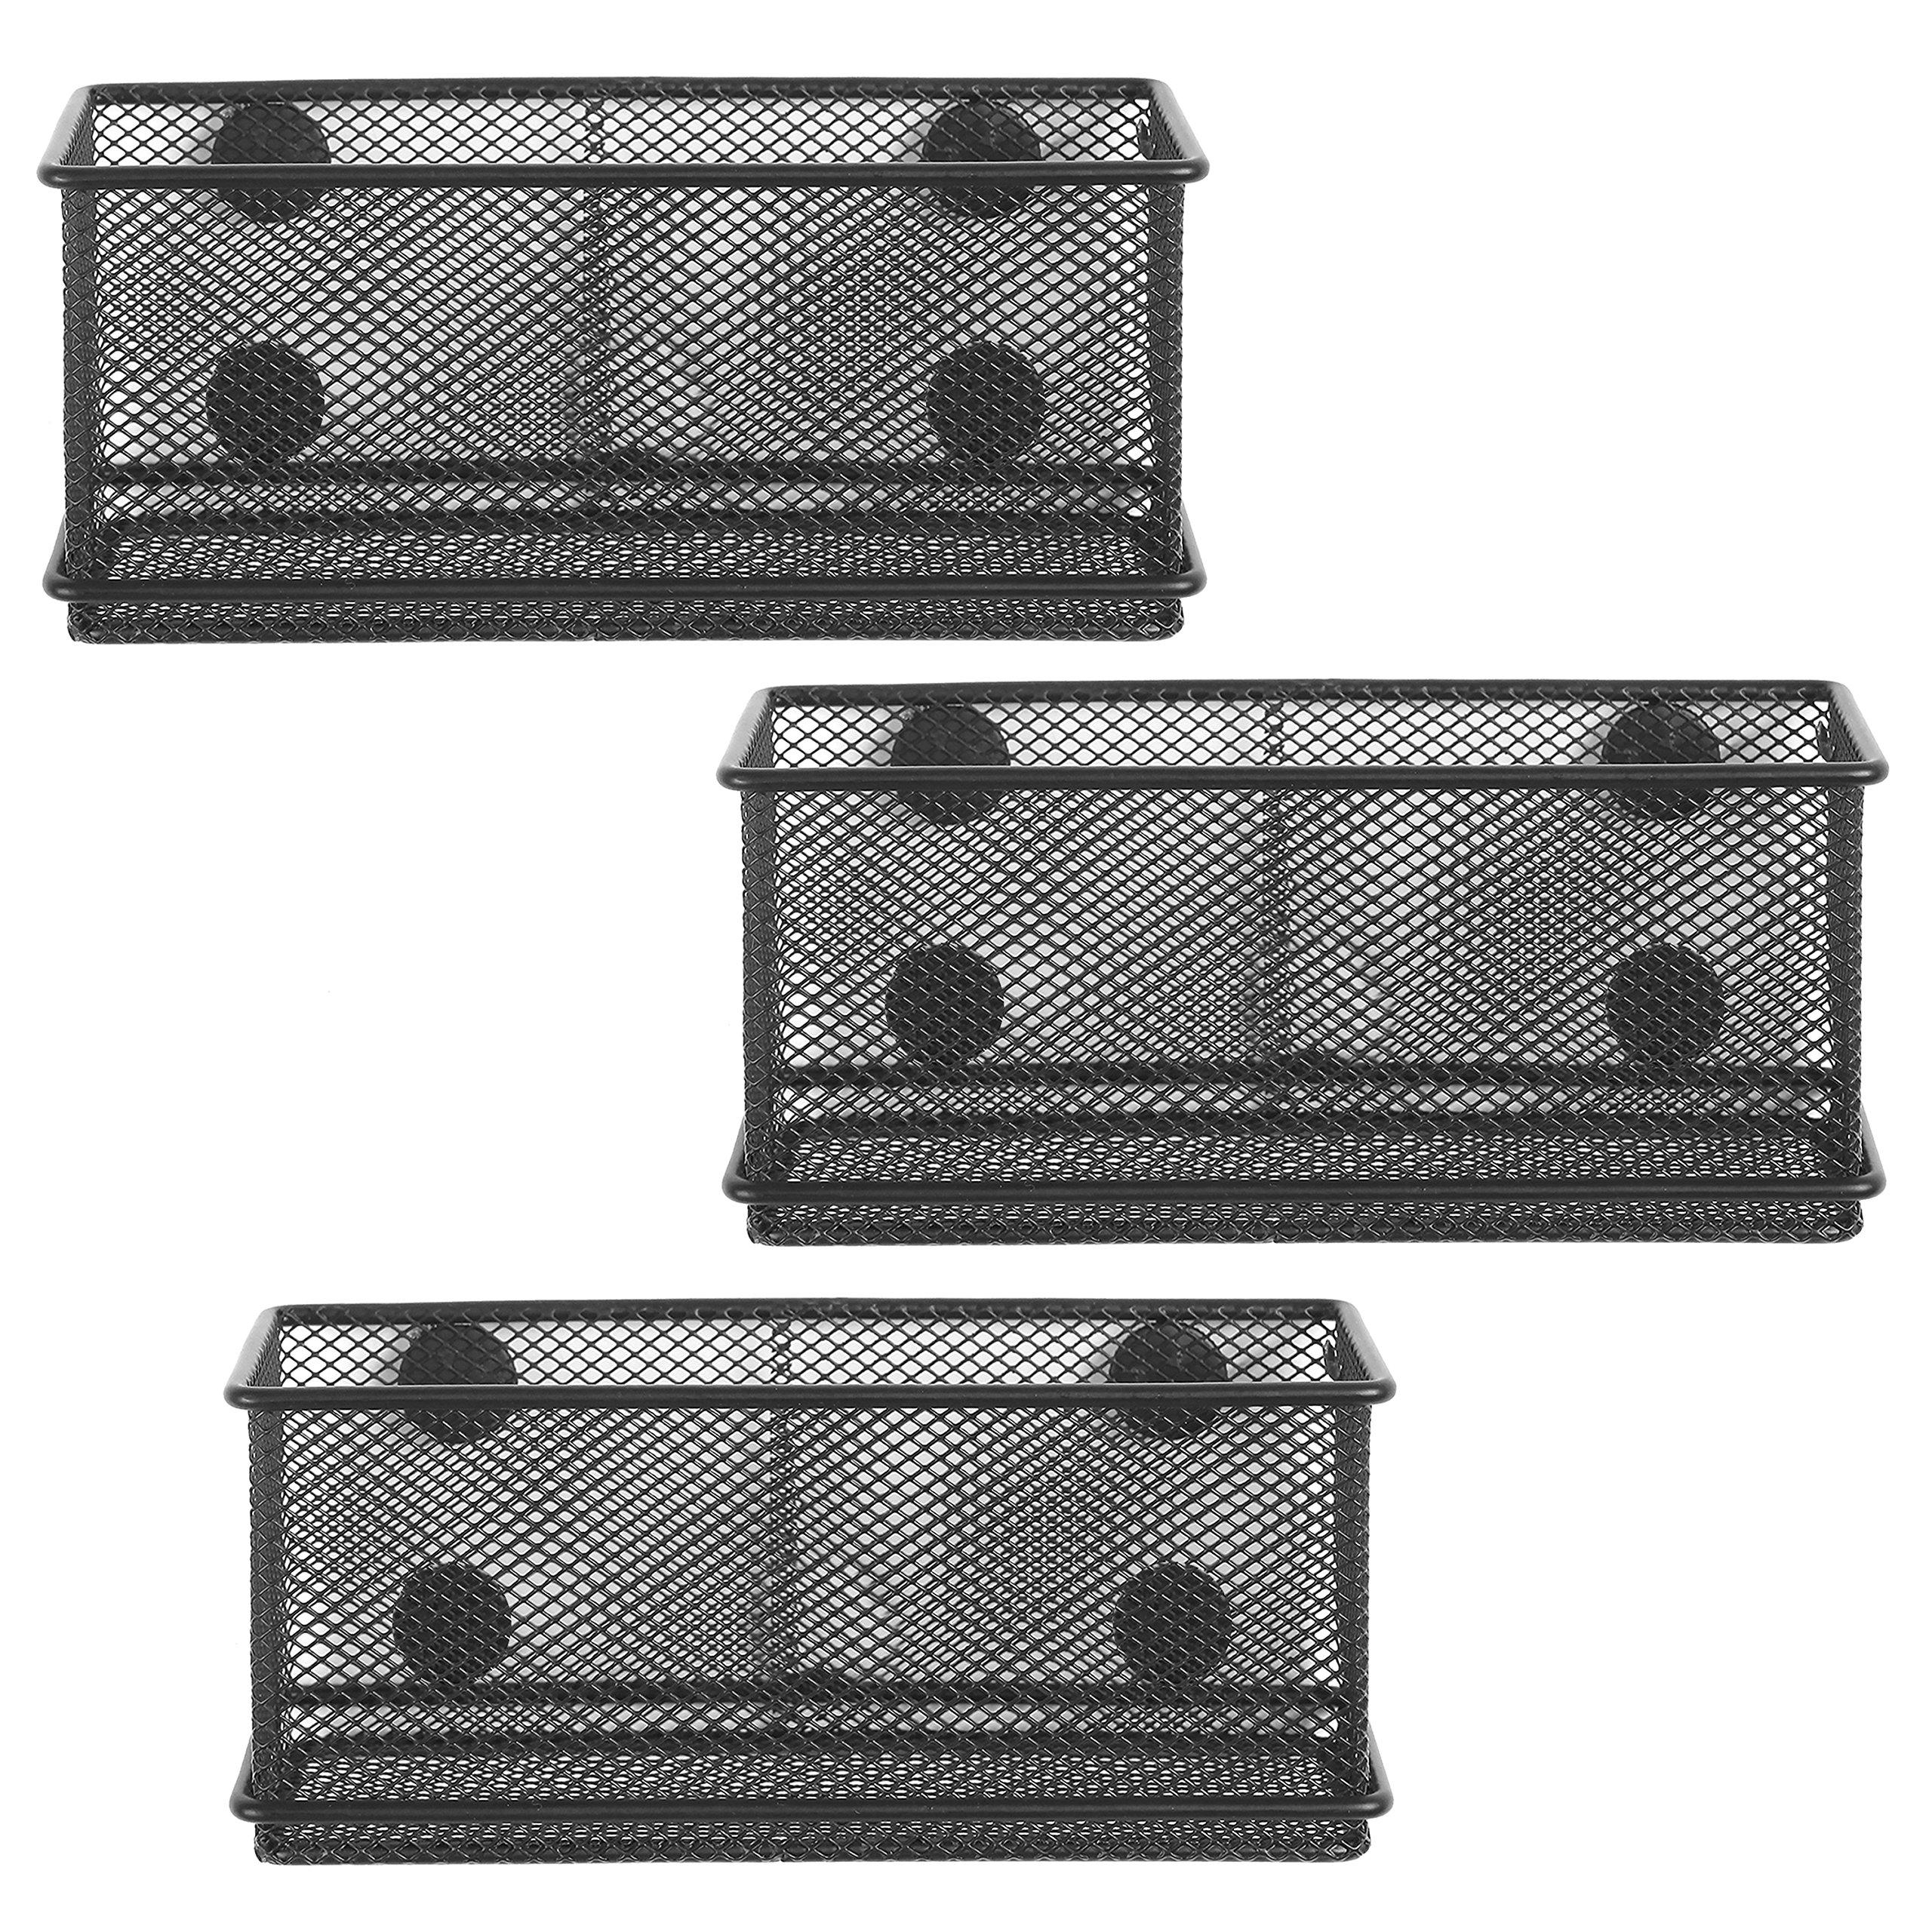 Cheap Wire Mesh Storage Baskets, find Wire Mesh Storage Baskets ...